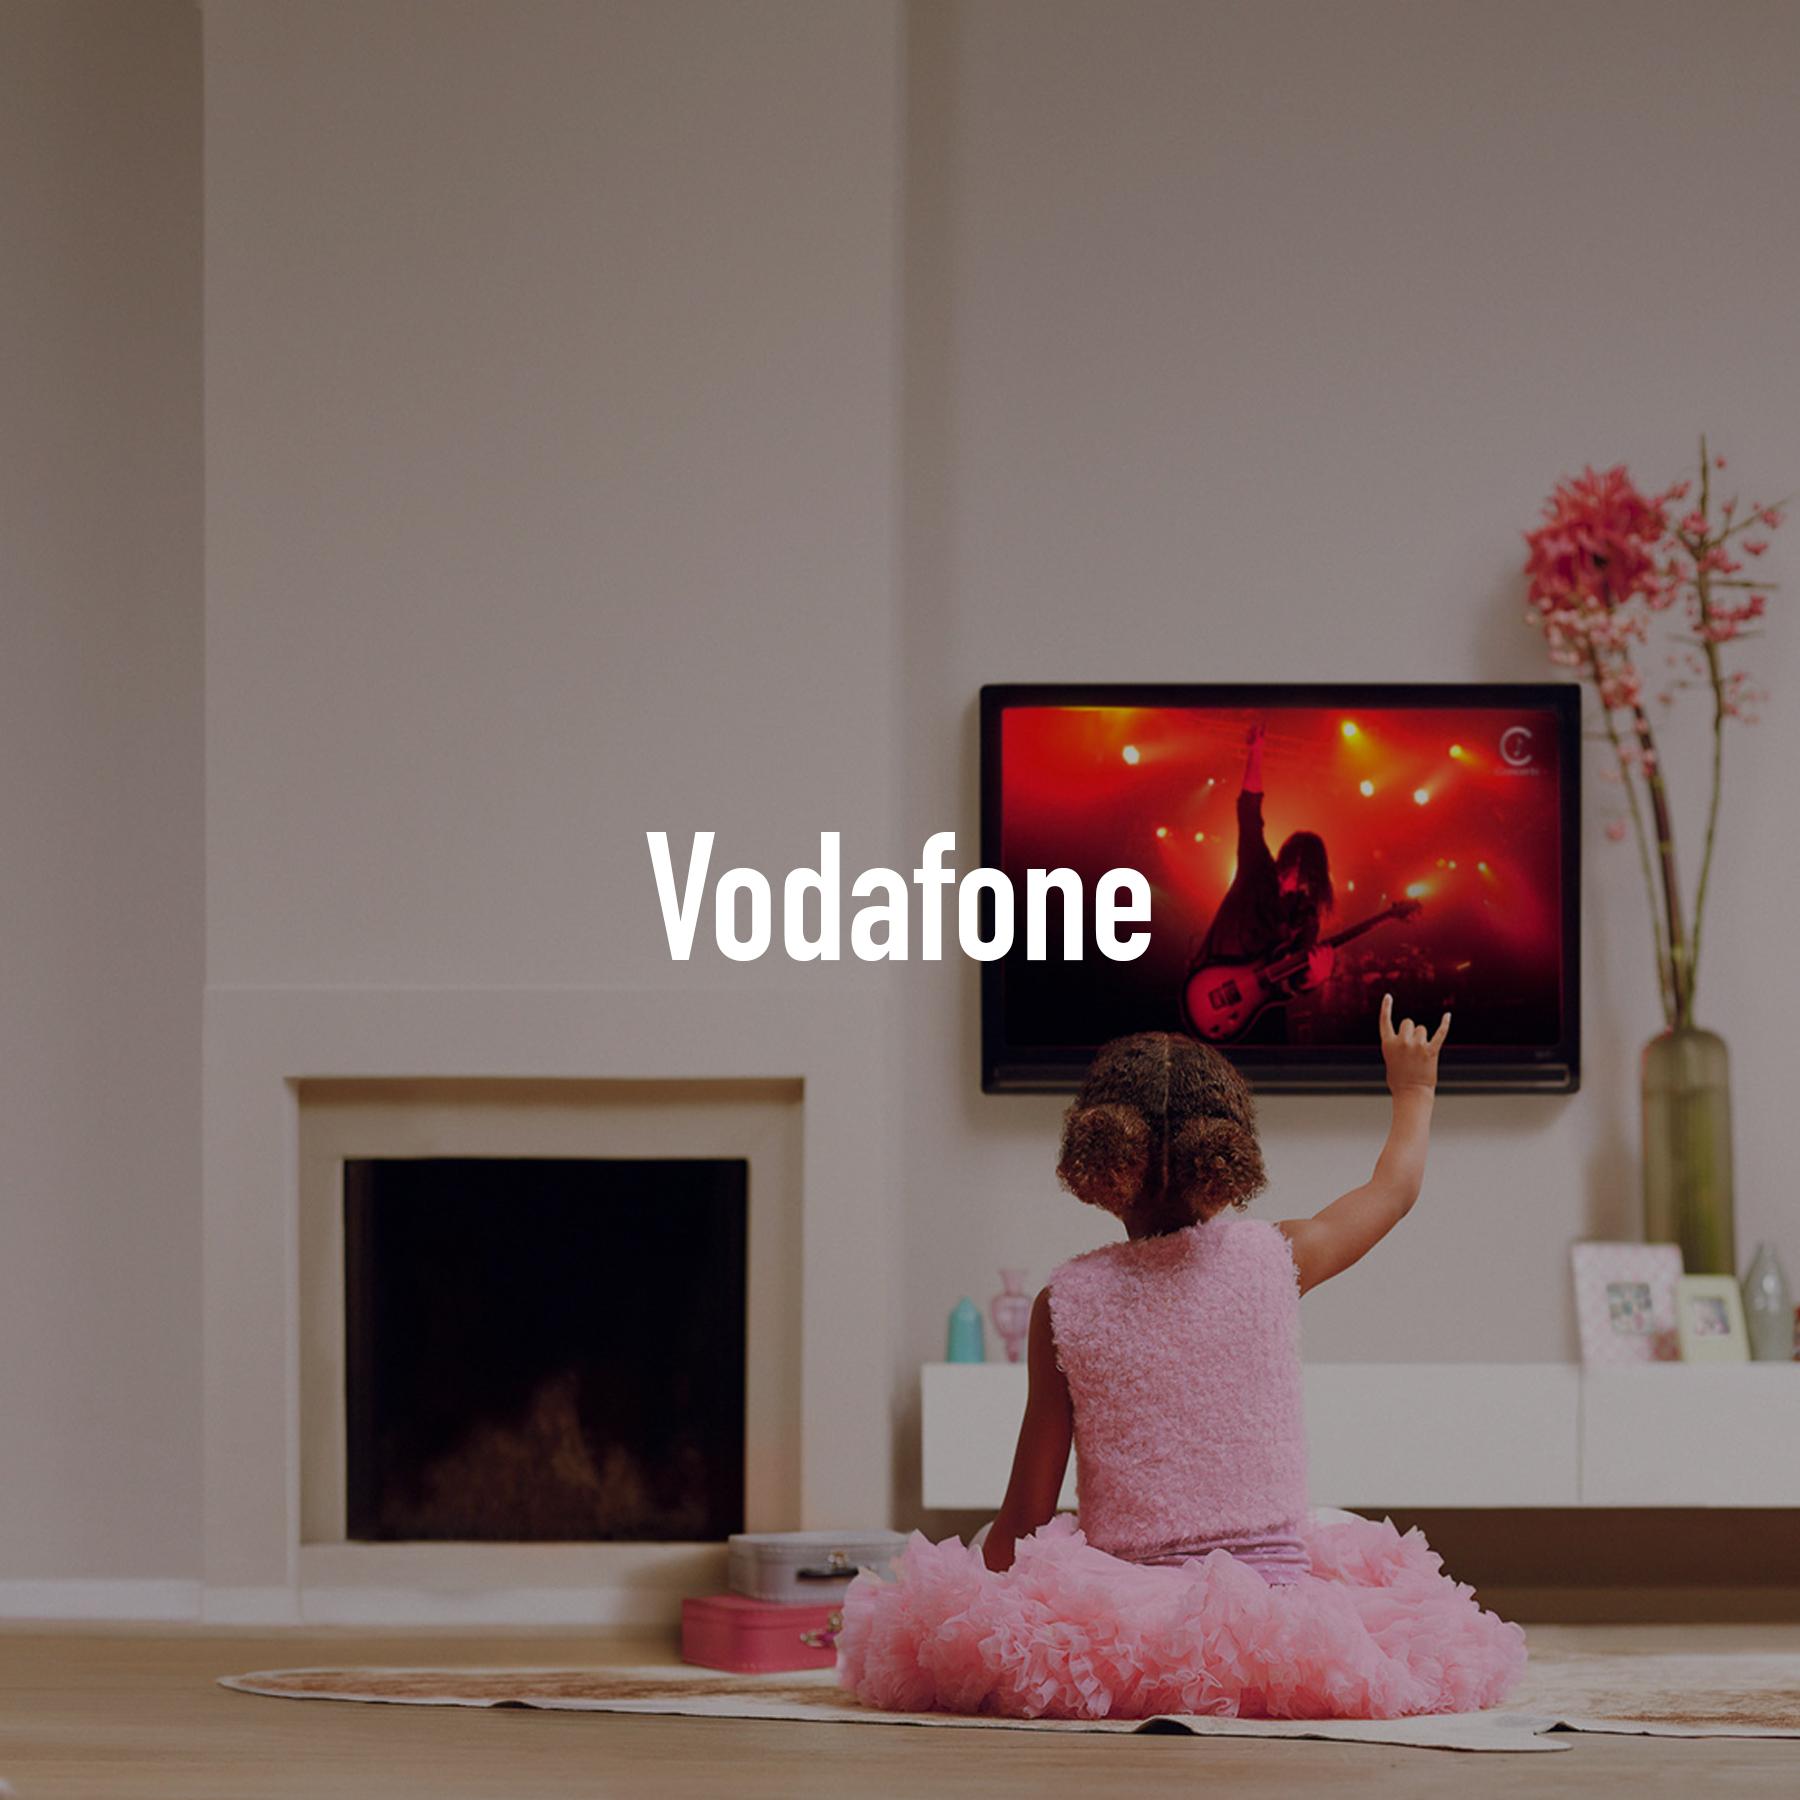 VodafoneCampaigns.jpg